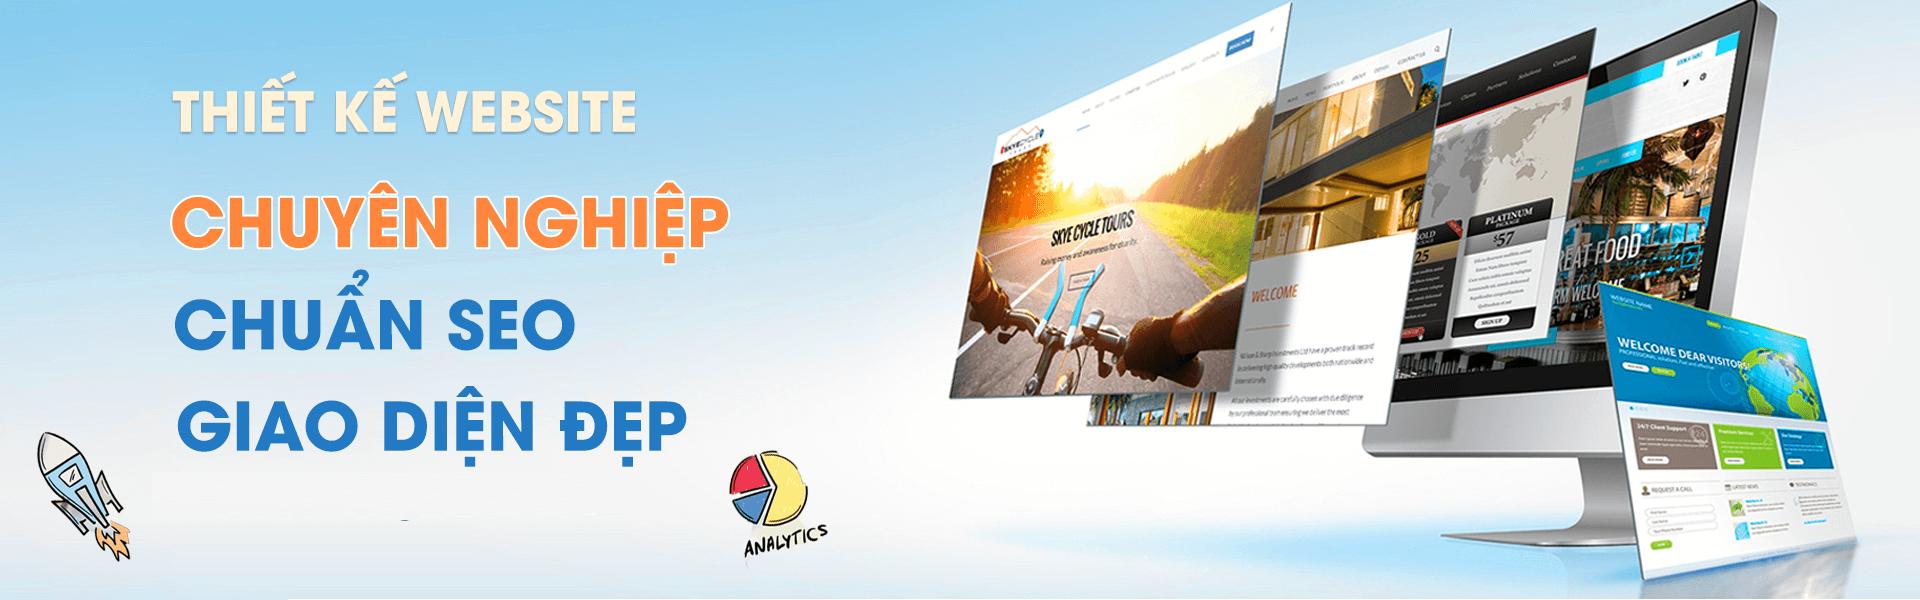 Quảng cáo thiết kế web giá rẽ